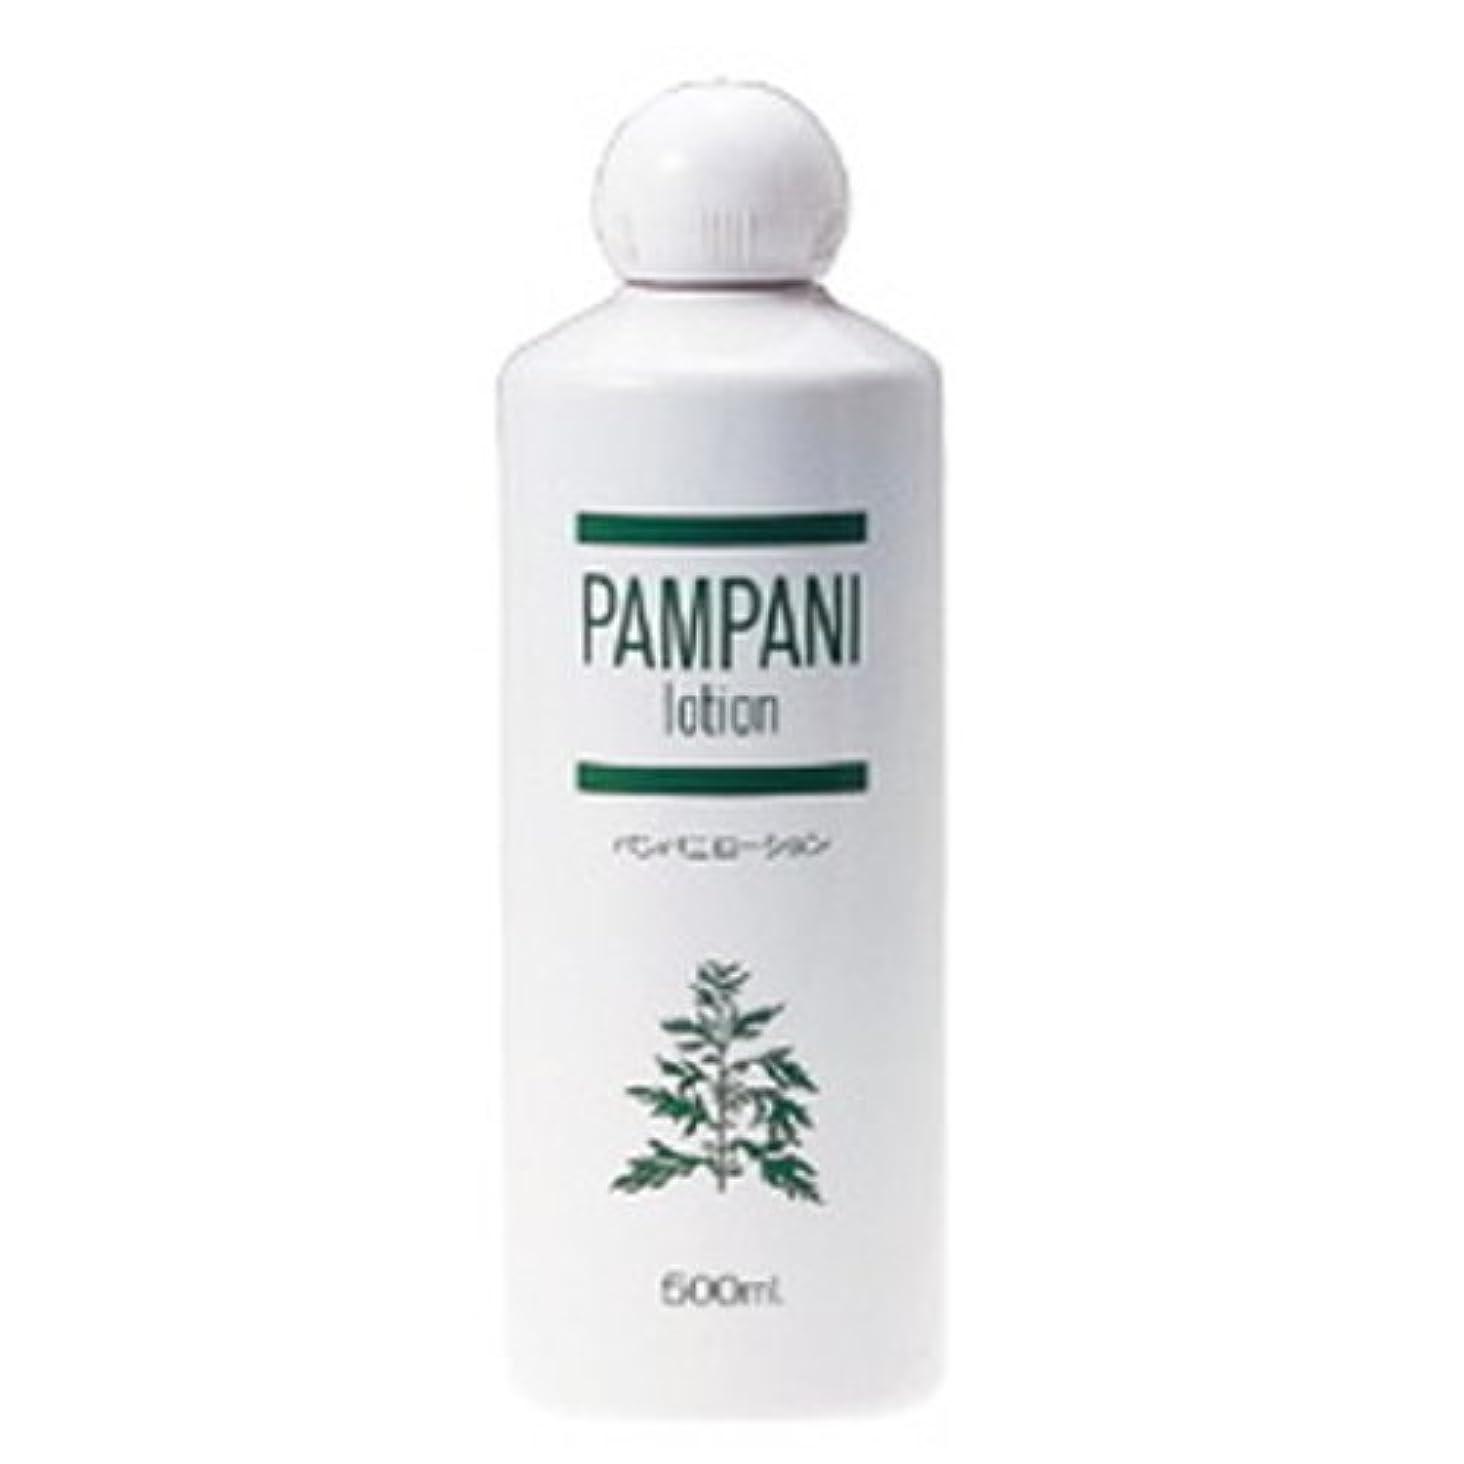 ハンカチ確率好きパンパニ(PAMPANI) ローション 500ml